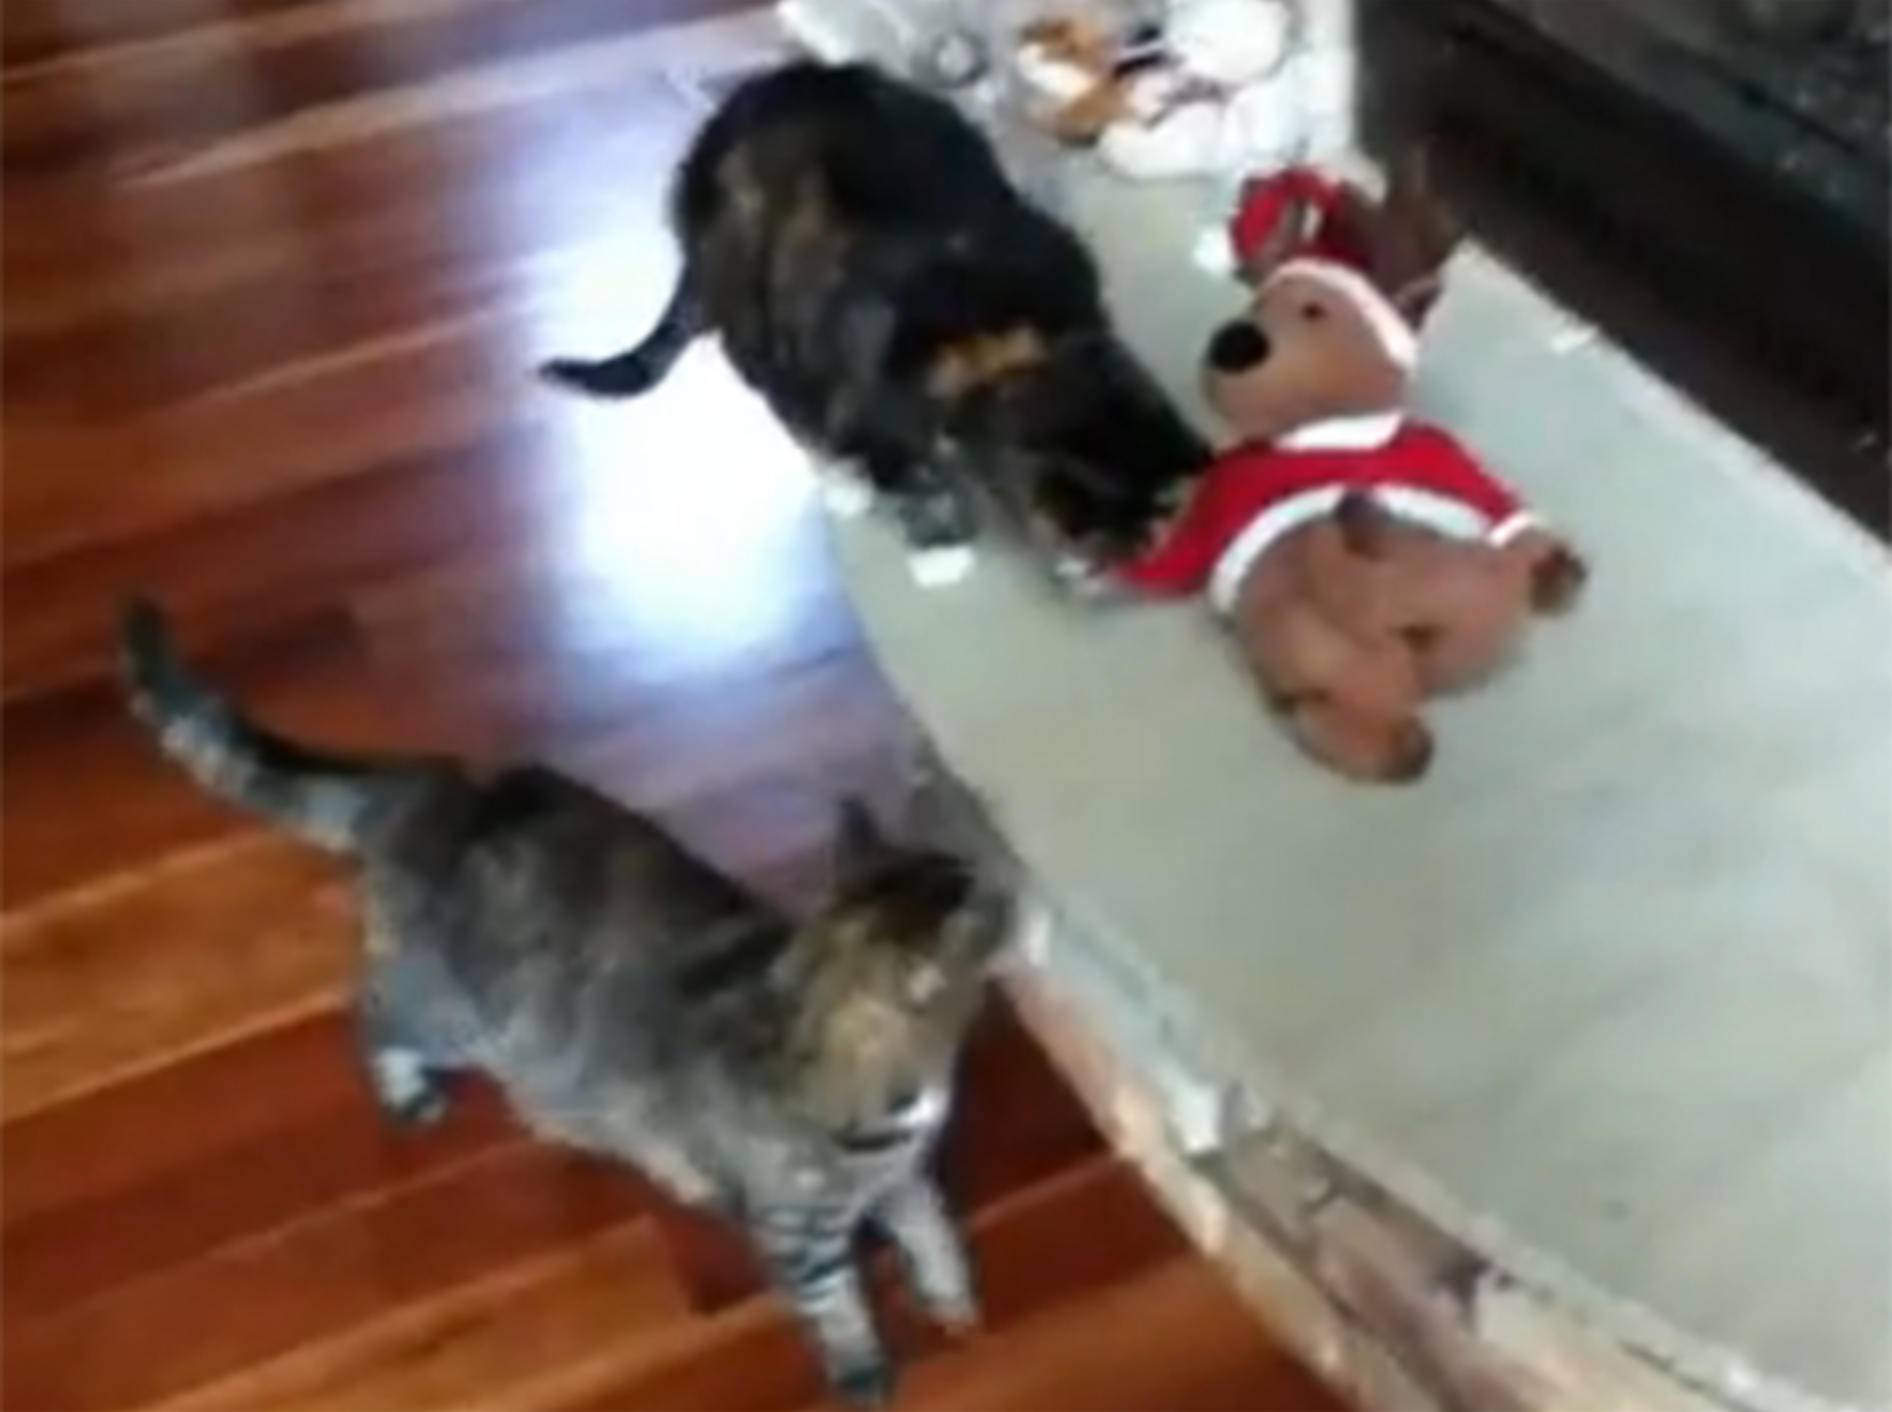 No Christmas, be happy: Katze beendet Weihnachten